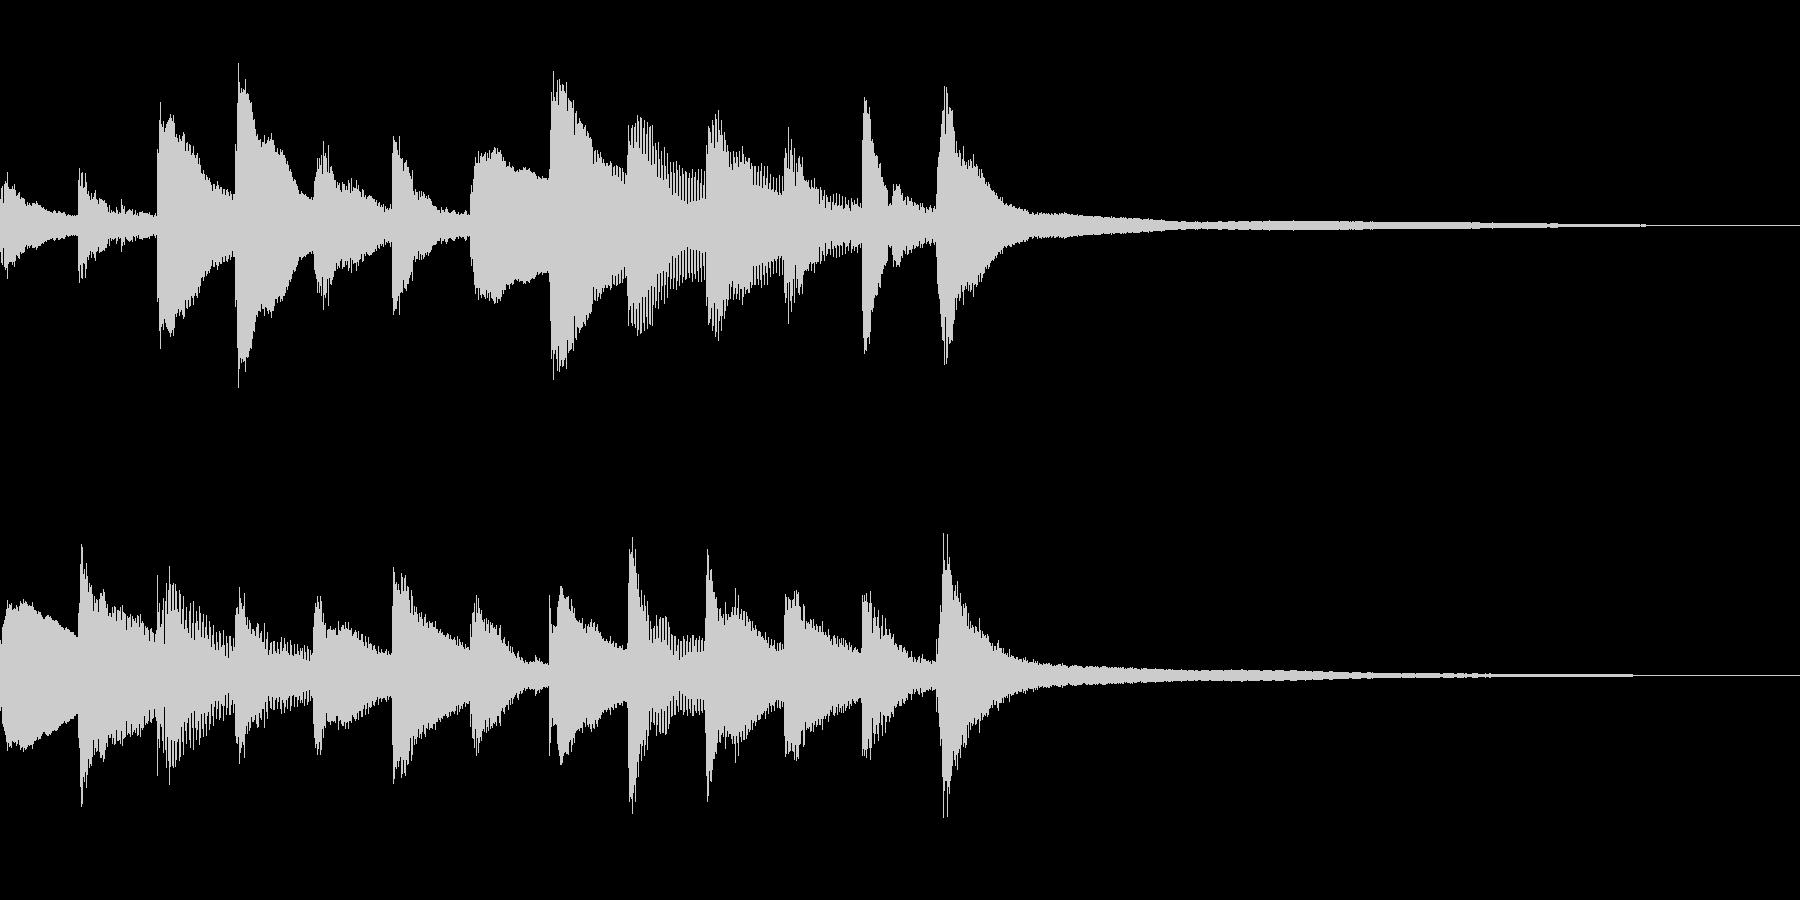 ピアノを使ったシンプルなサウンドロゴの未再生の波形